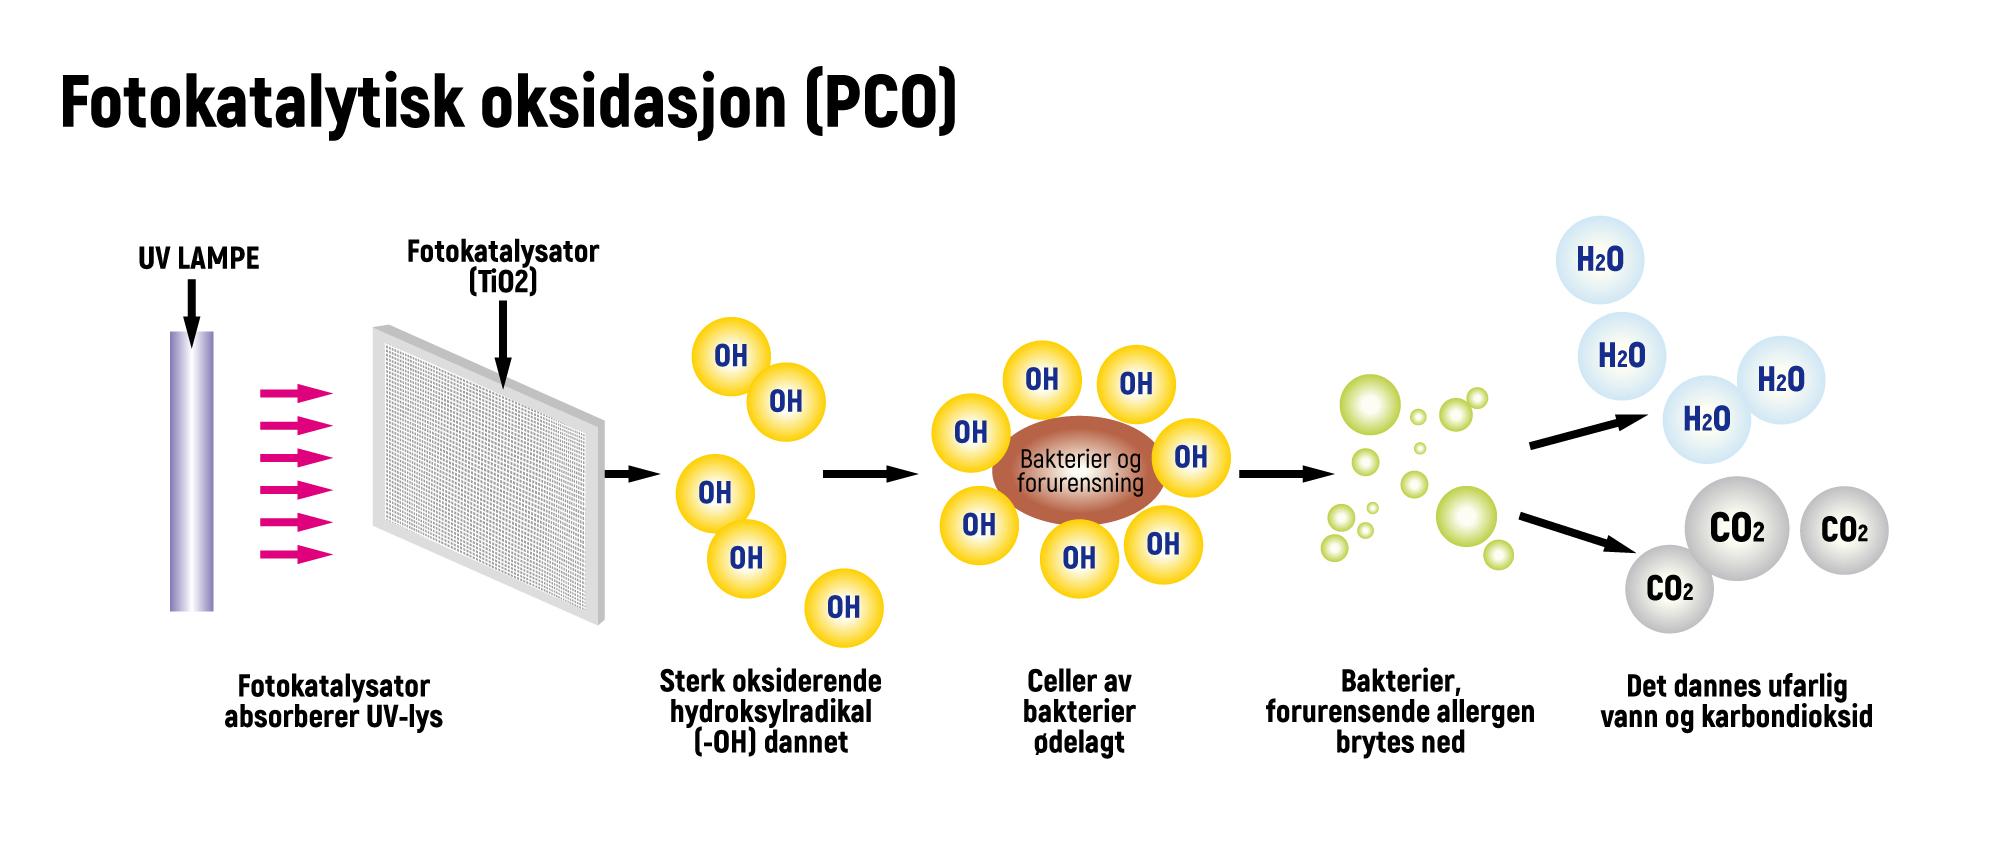 Fotokatalytisk oksidasjon